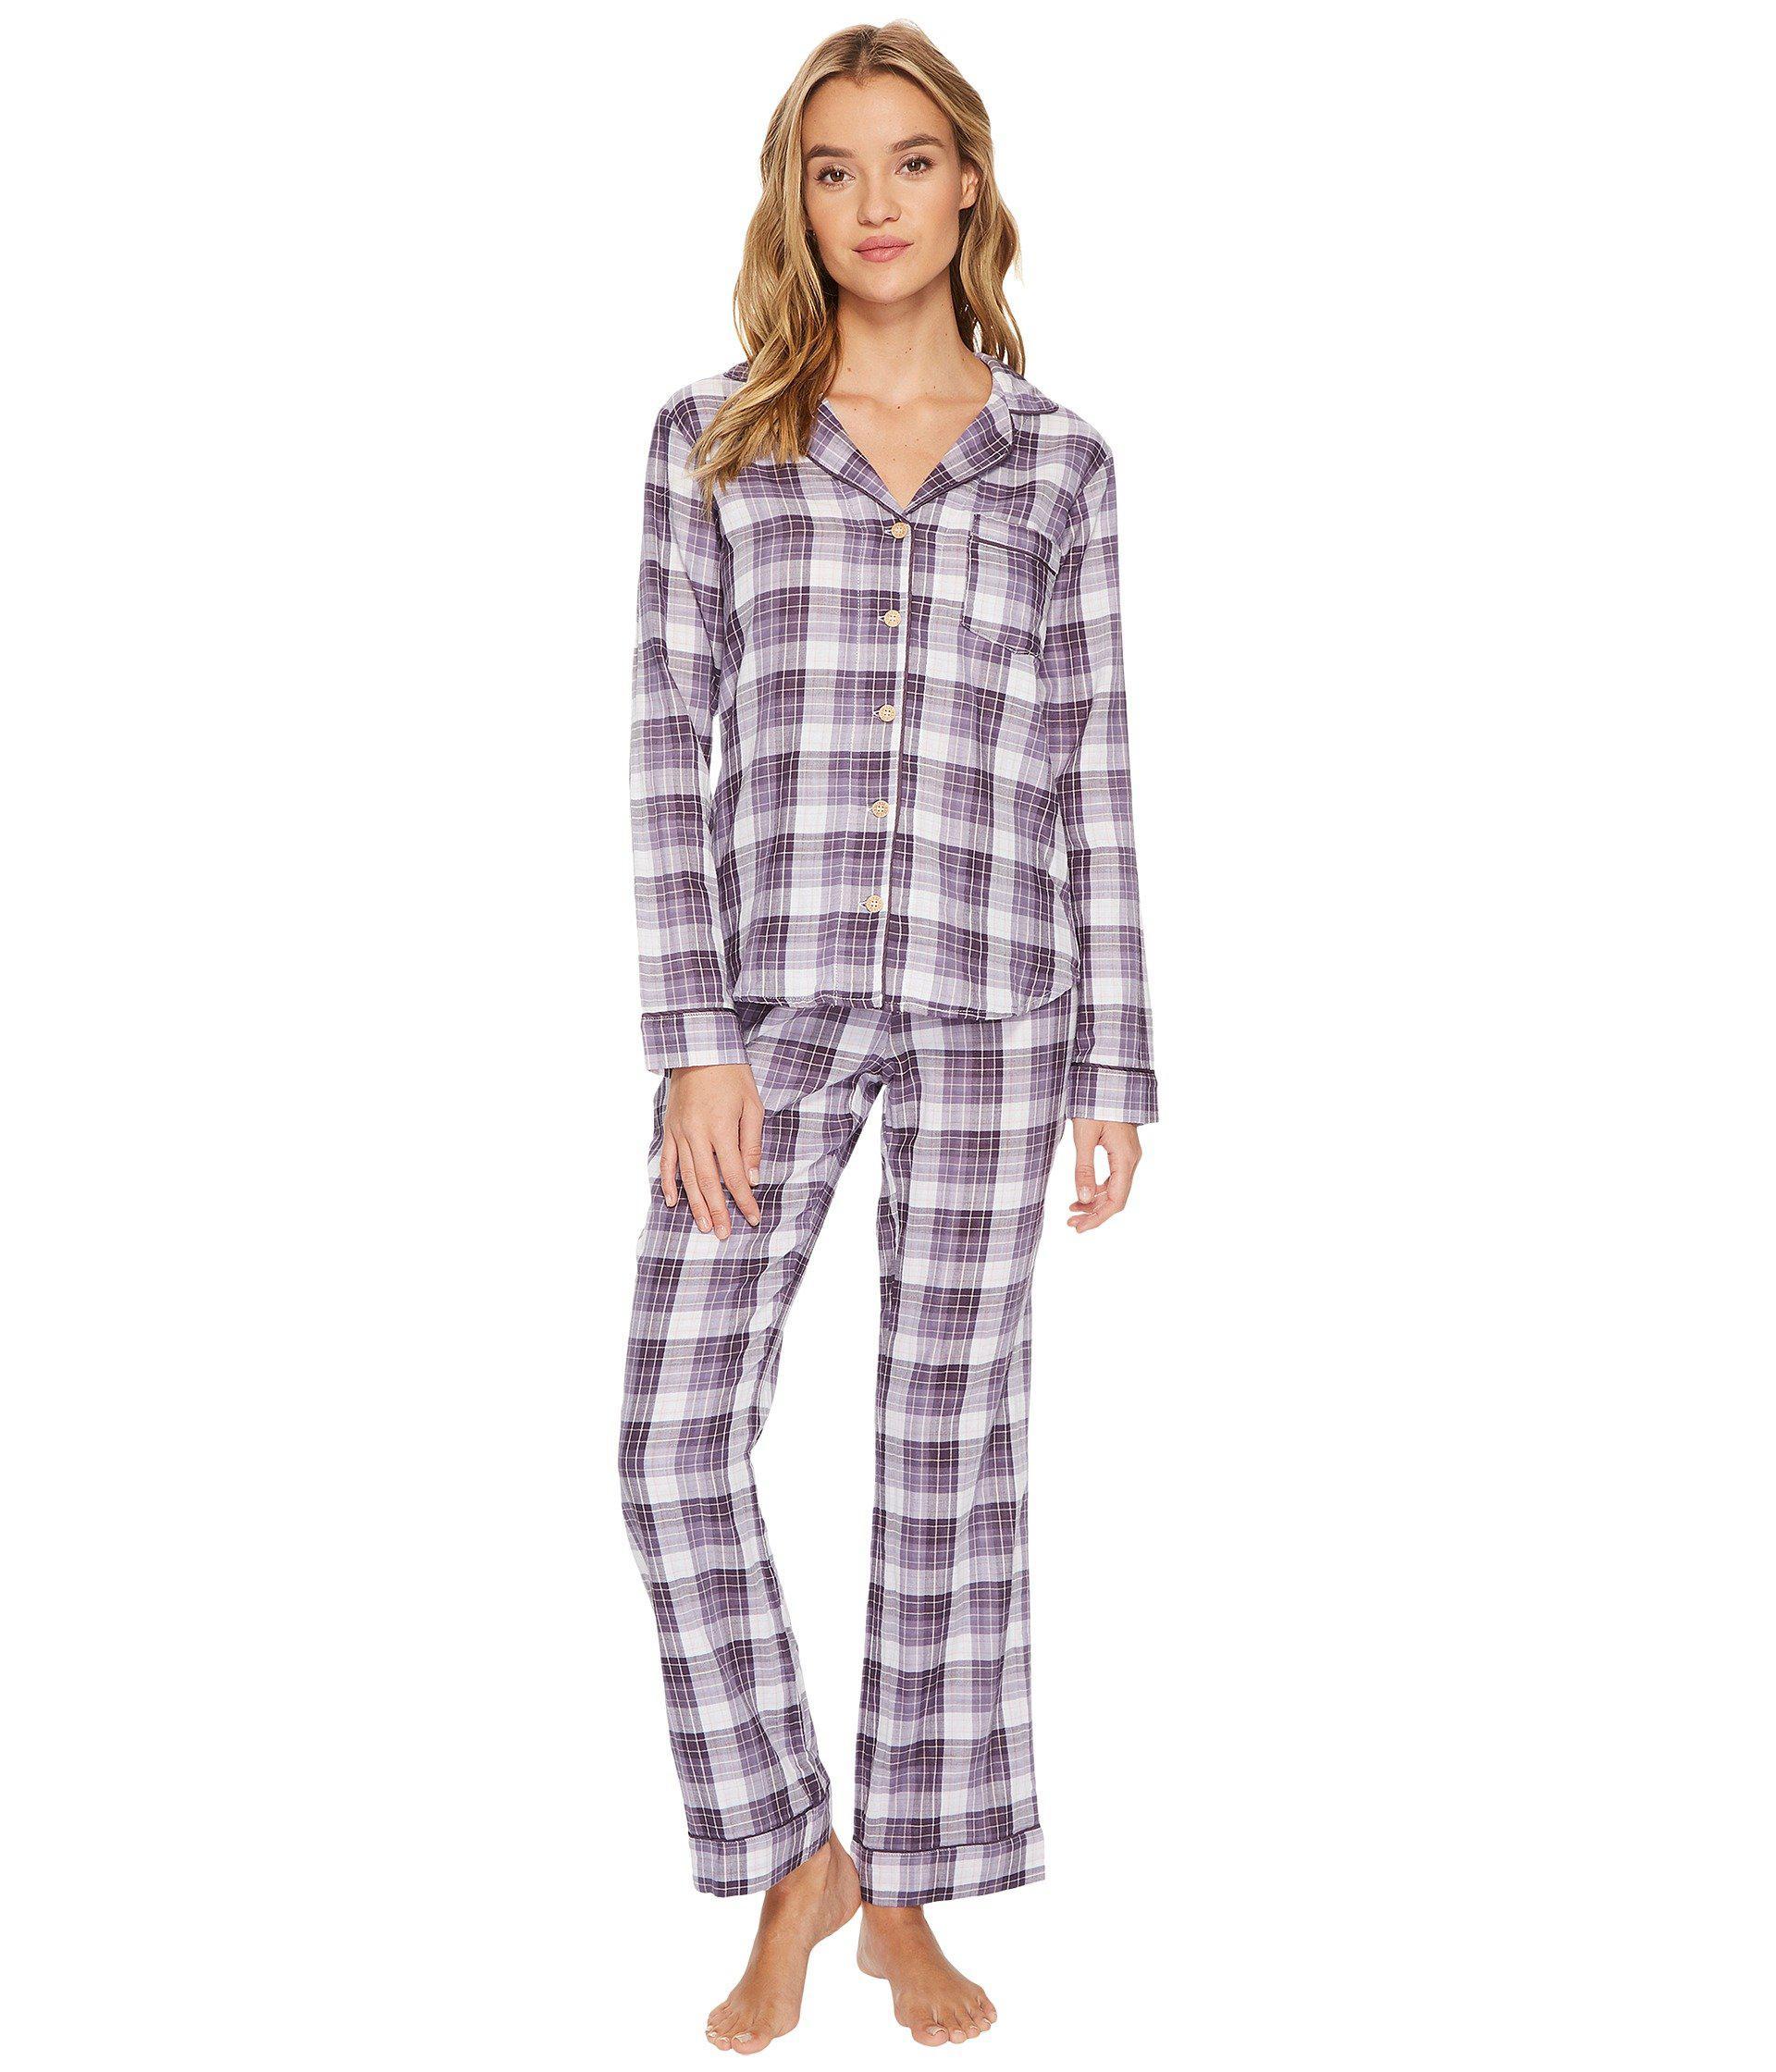 2a7ff21f3f Lyst - Ugg Raven Plaid Sleepwear Set